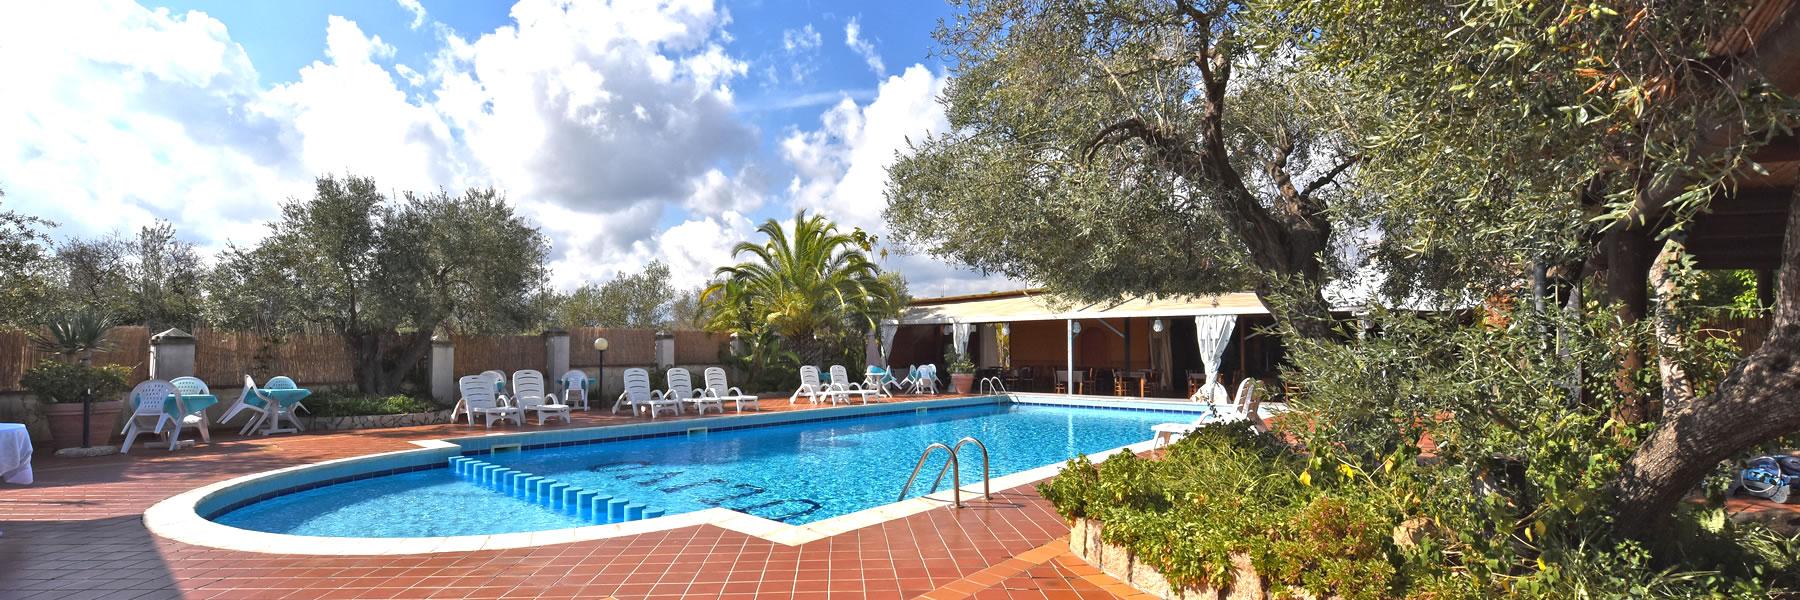 Hotel 3 stelle con piscina in ogliastra hotel l 39 ulivo - Hotel con piscina privata grecia ...